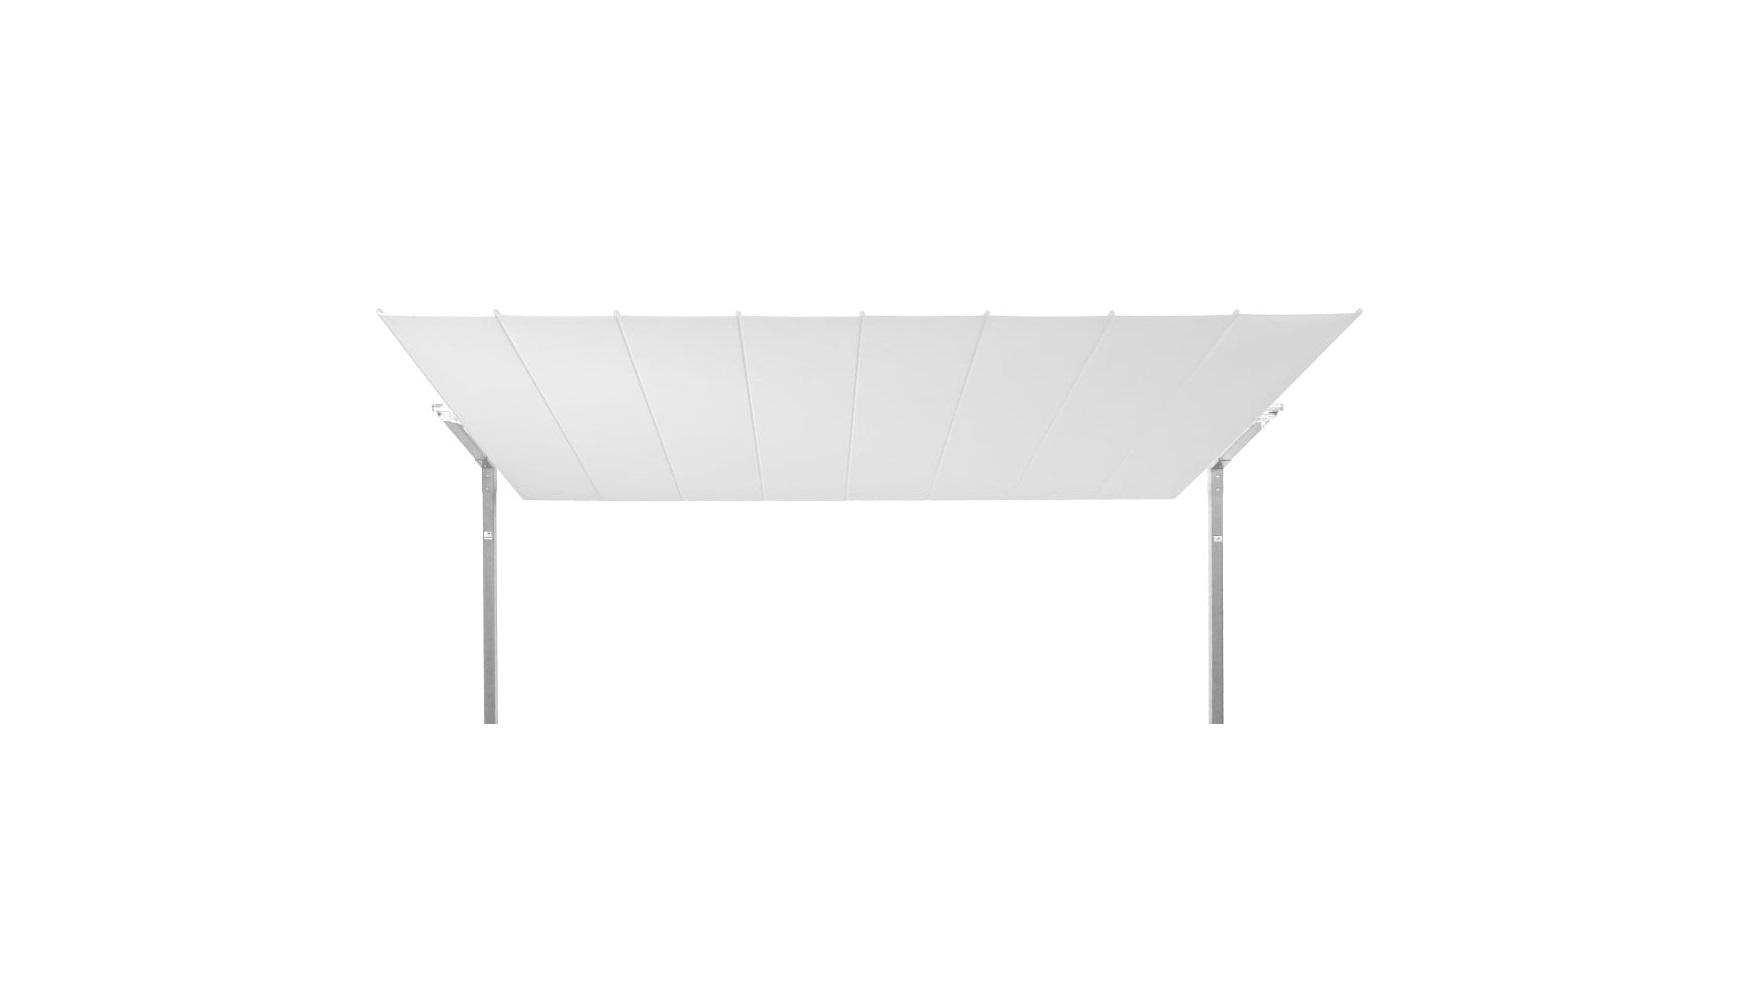 Flexy white parasol1.jpg